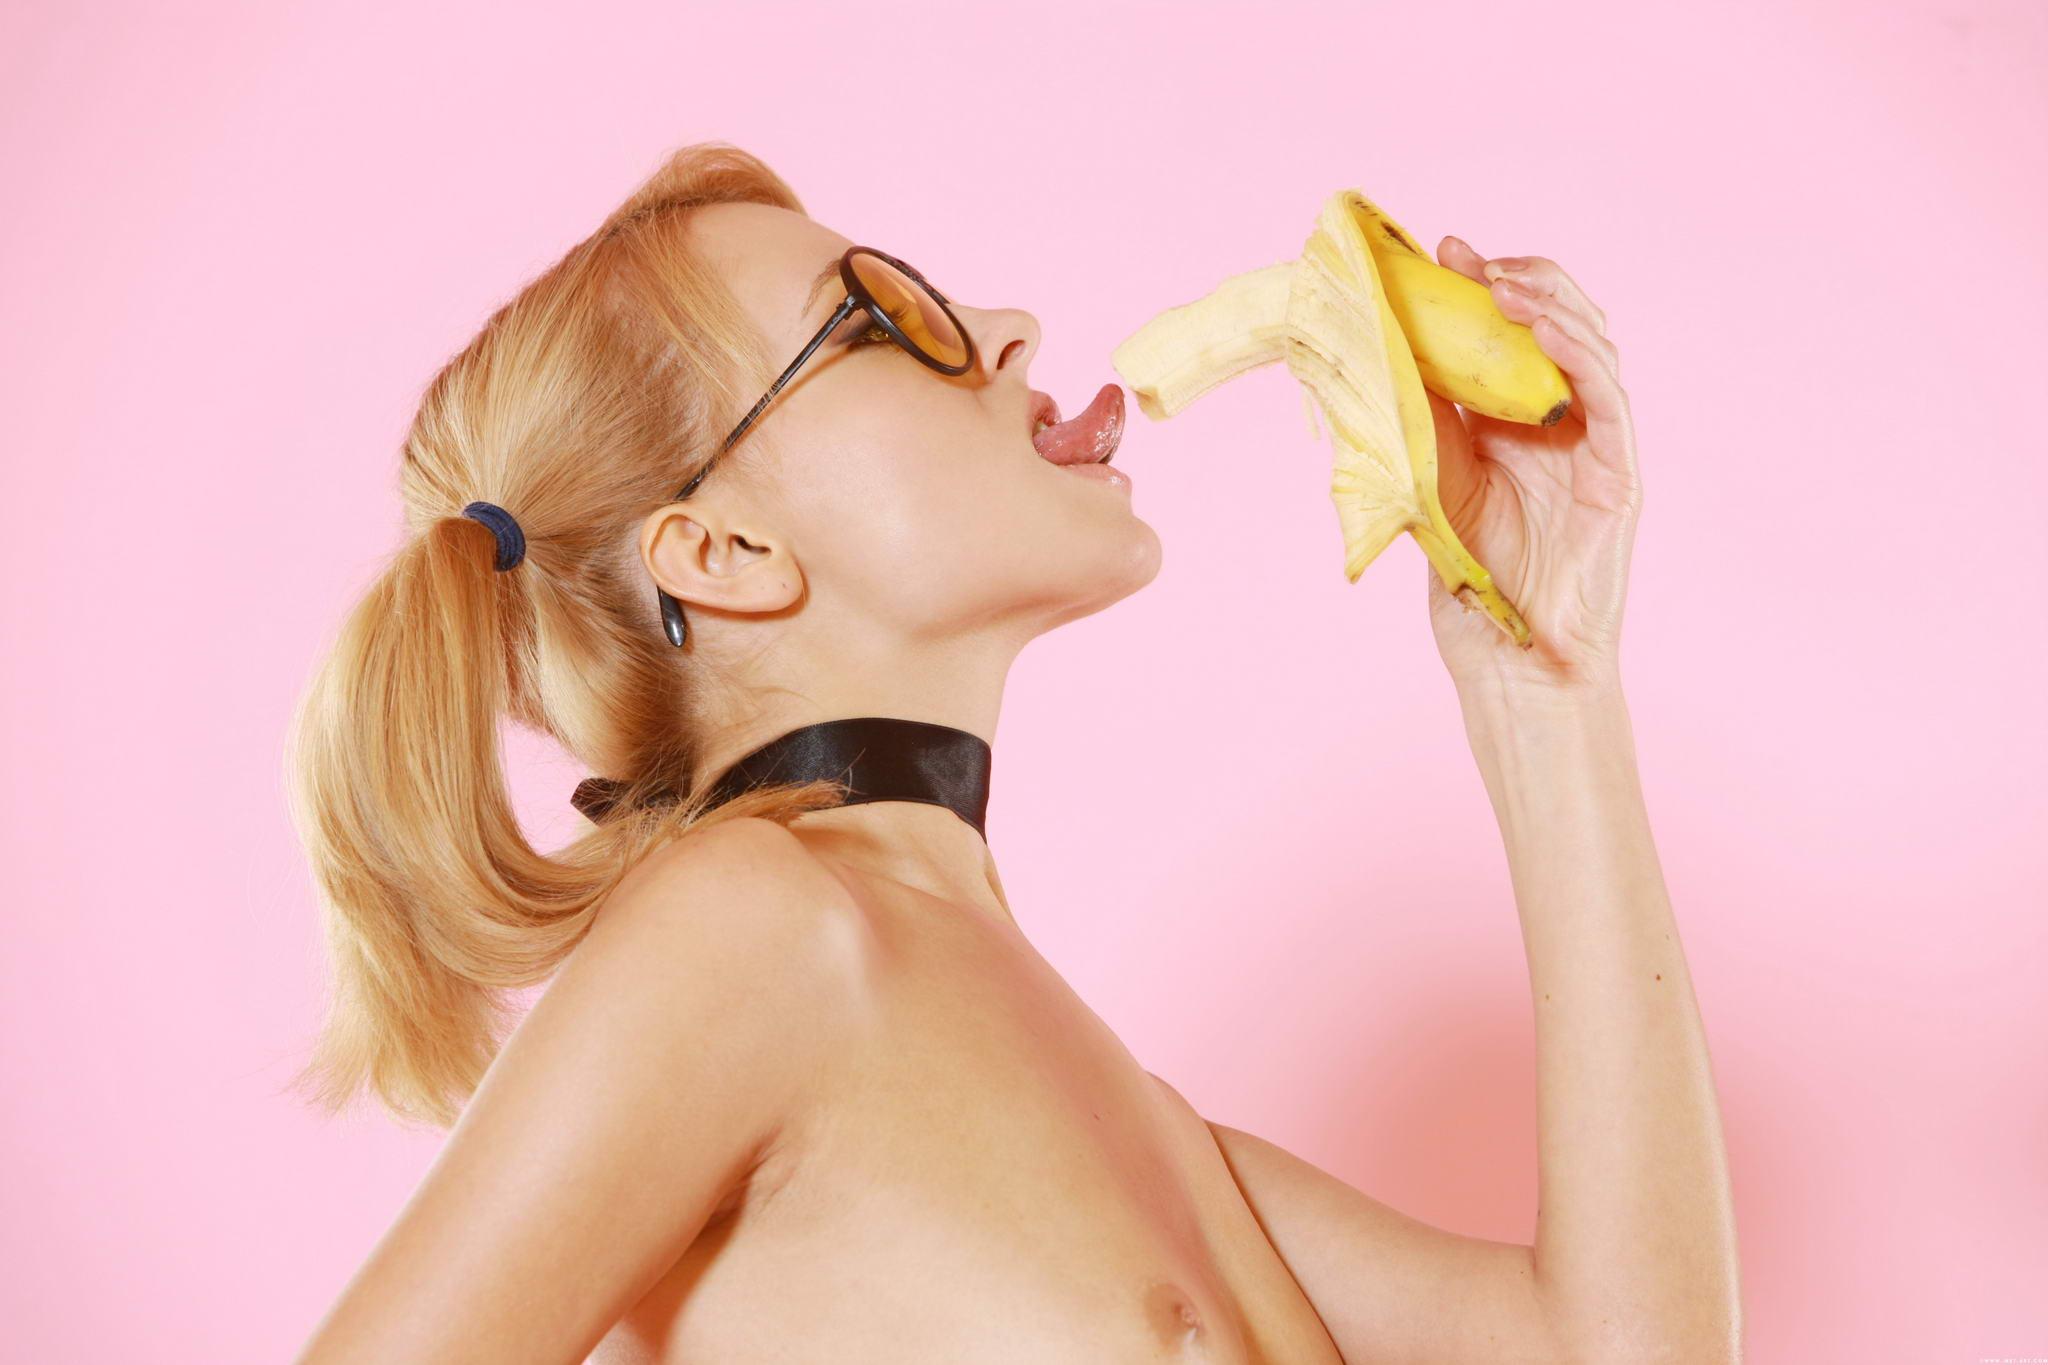 Эротично ест банан картинка 24 фотография